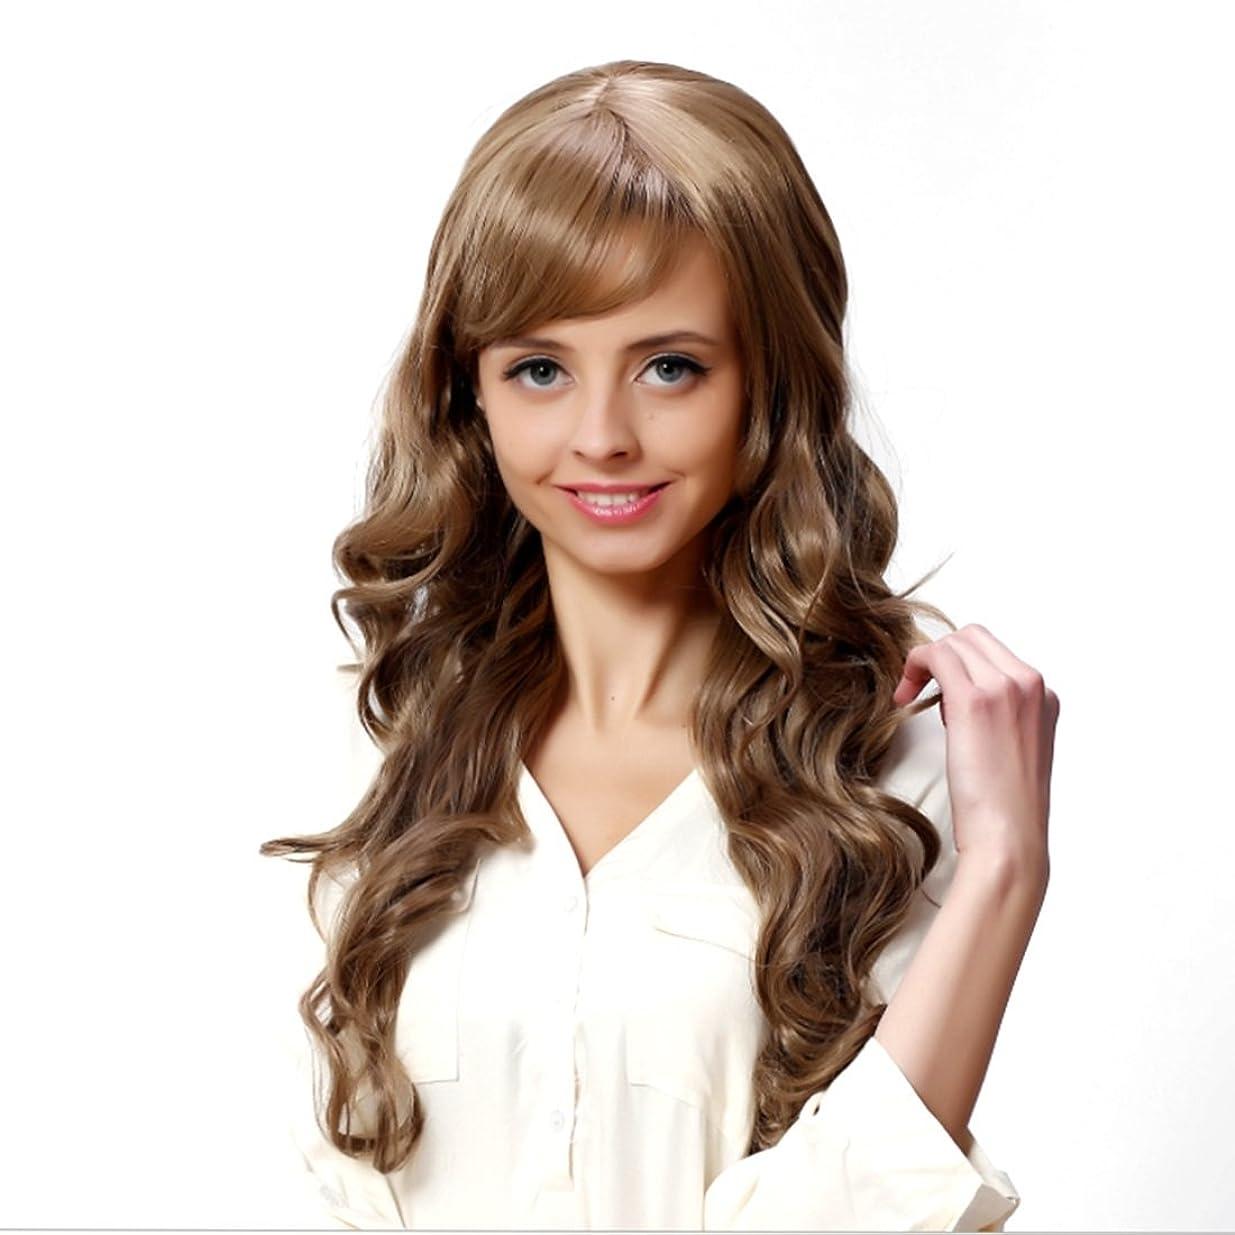 病気パーティー敵意JIANFU 女性のための現実的な大きな波状の長い縮毛のかつらフルサイズの頭のカーリーヘアフラフリな梨のフラワーウィッグ修正された顔の長さ21inch / 22inch(ブラウンブラック/ベージュ)のための斜めバンズウィッグ (Color : ブラウン)